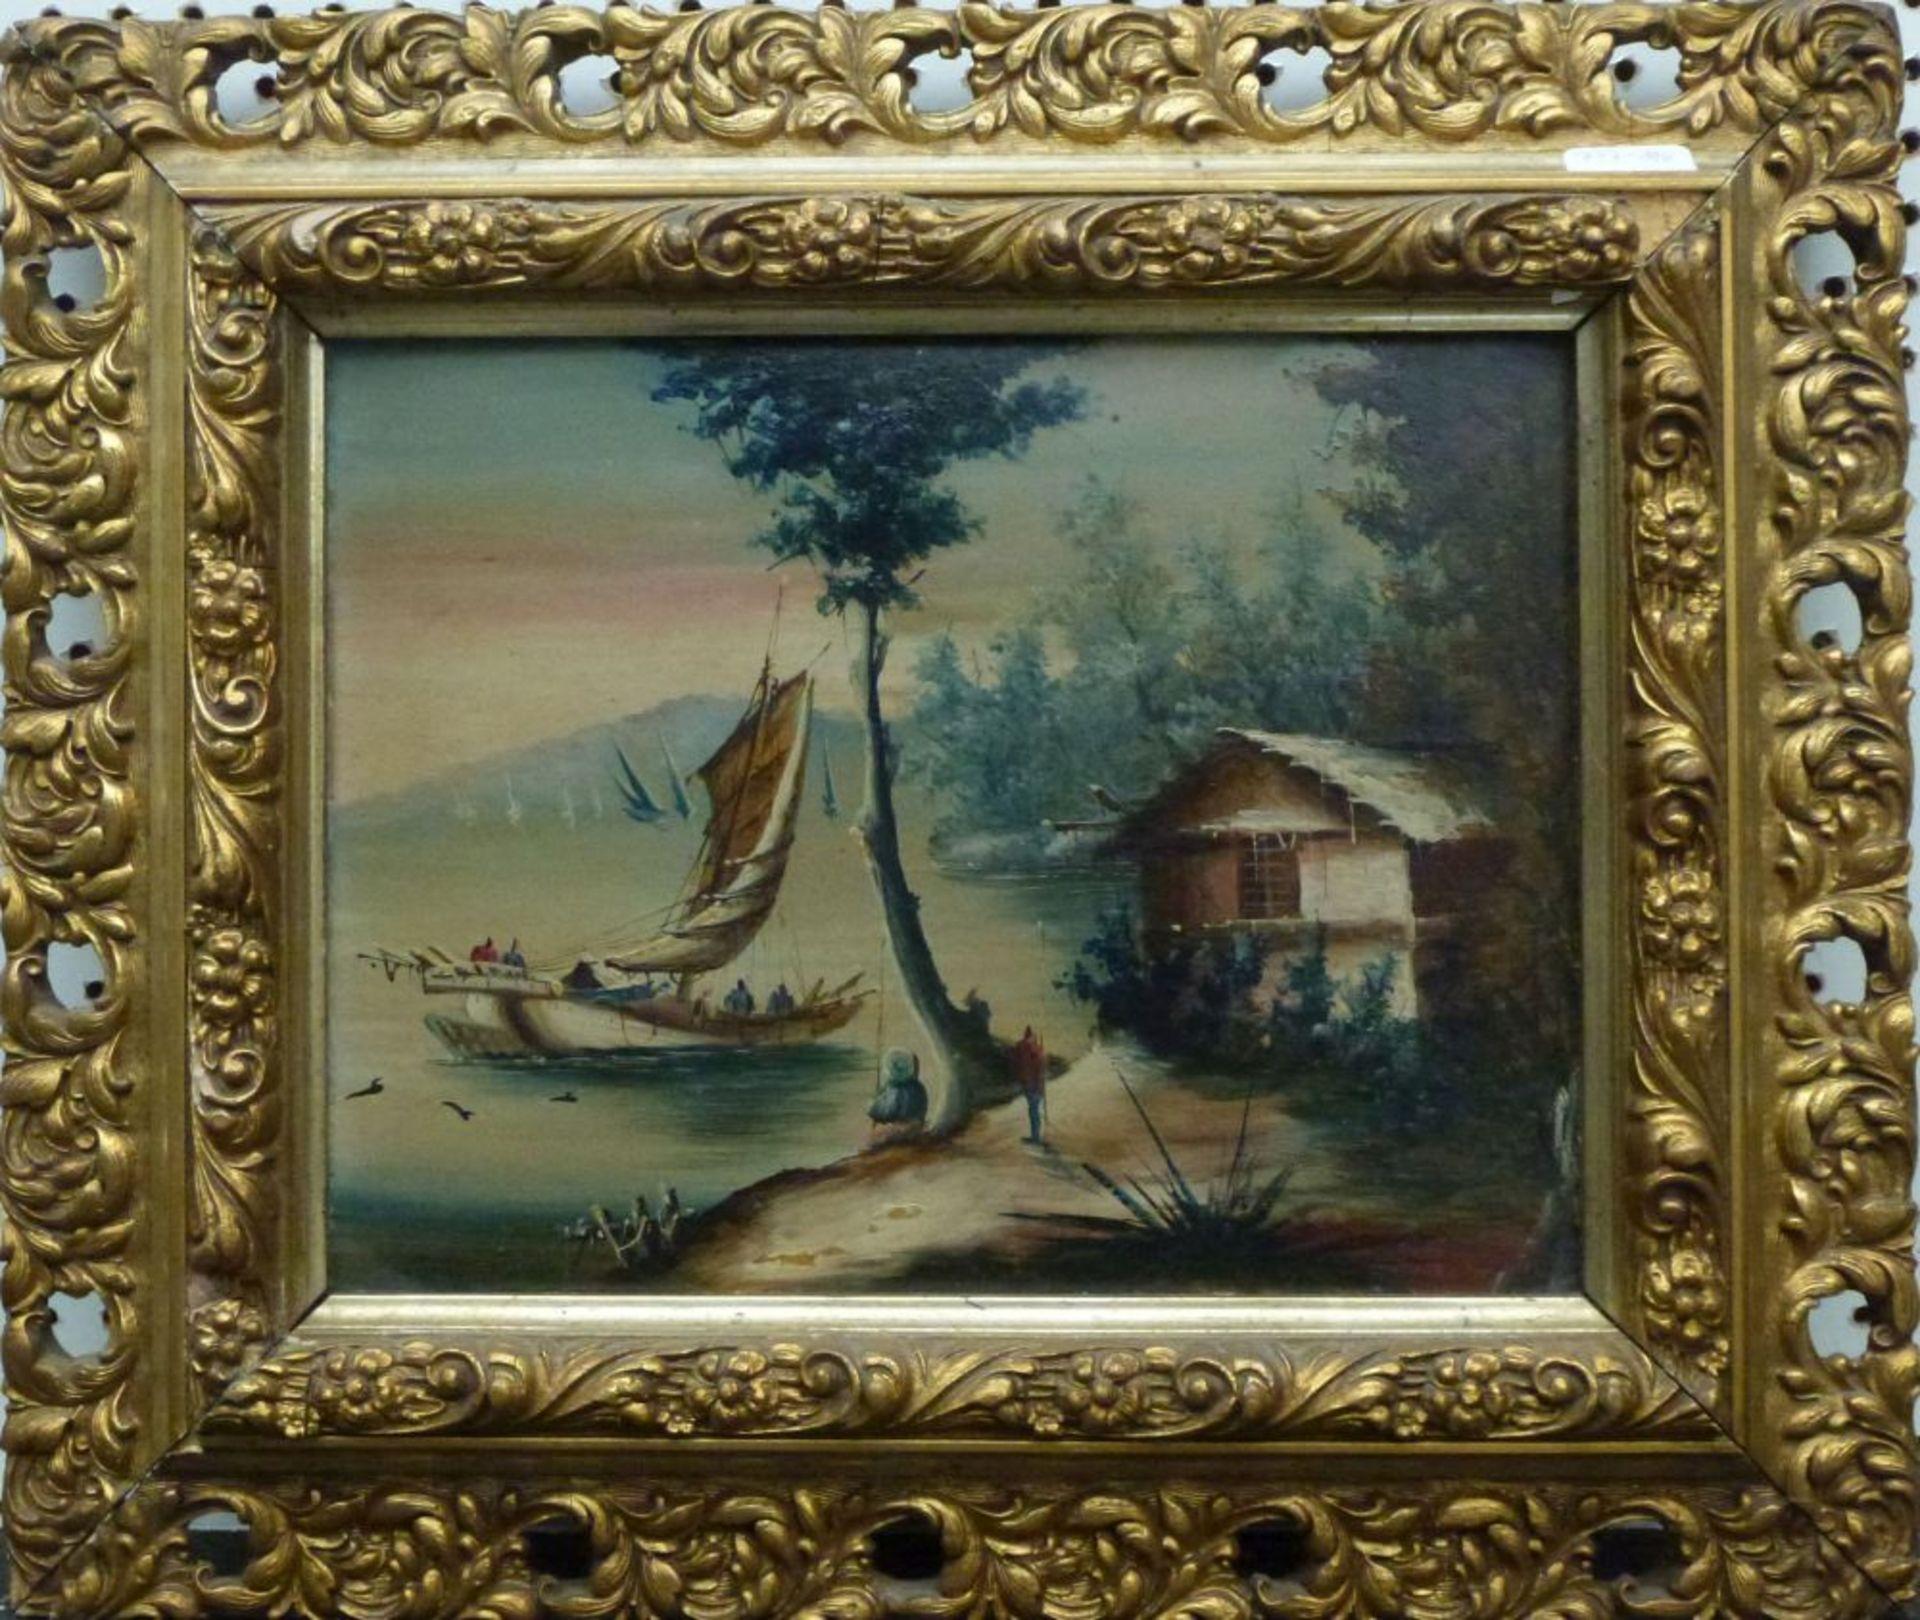 See, 1.Hälfte 20.Jh.Öl/Platte, Boote auf See, Hütte u. Personen am Ufer, Florentiner Leiste, - Bild 2 aus 3